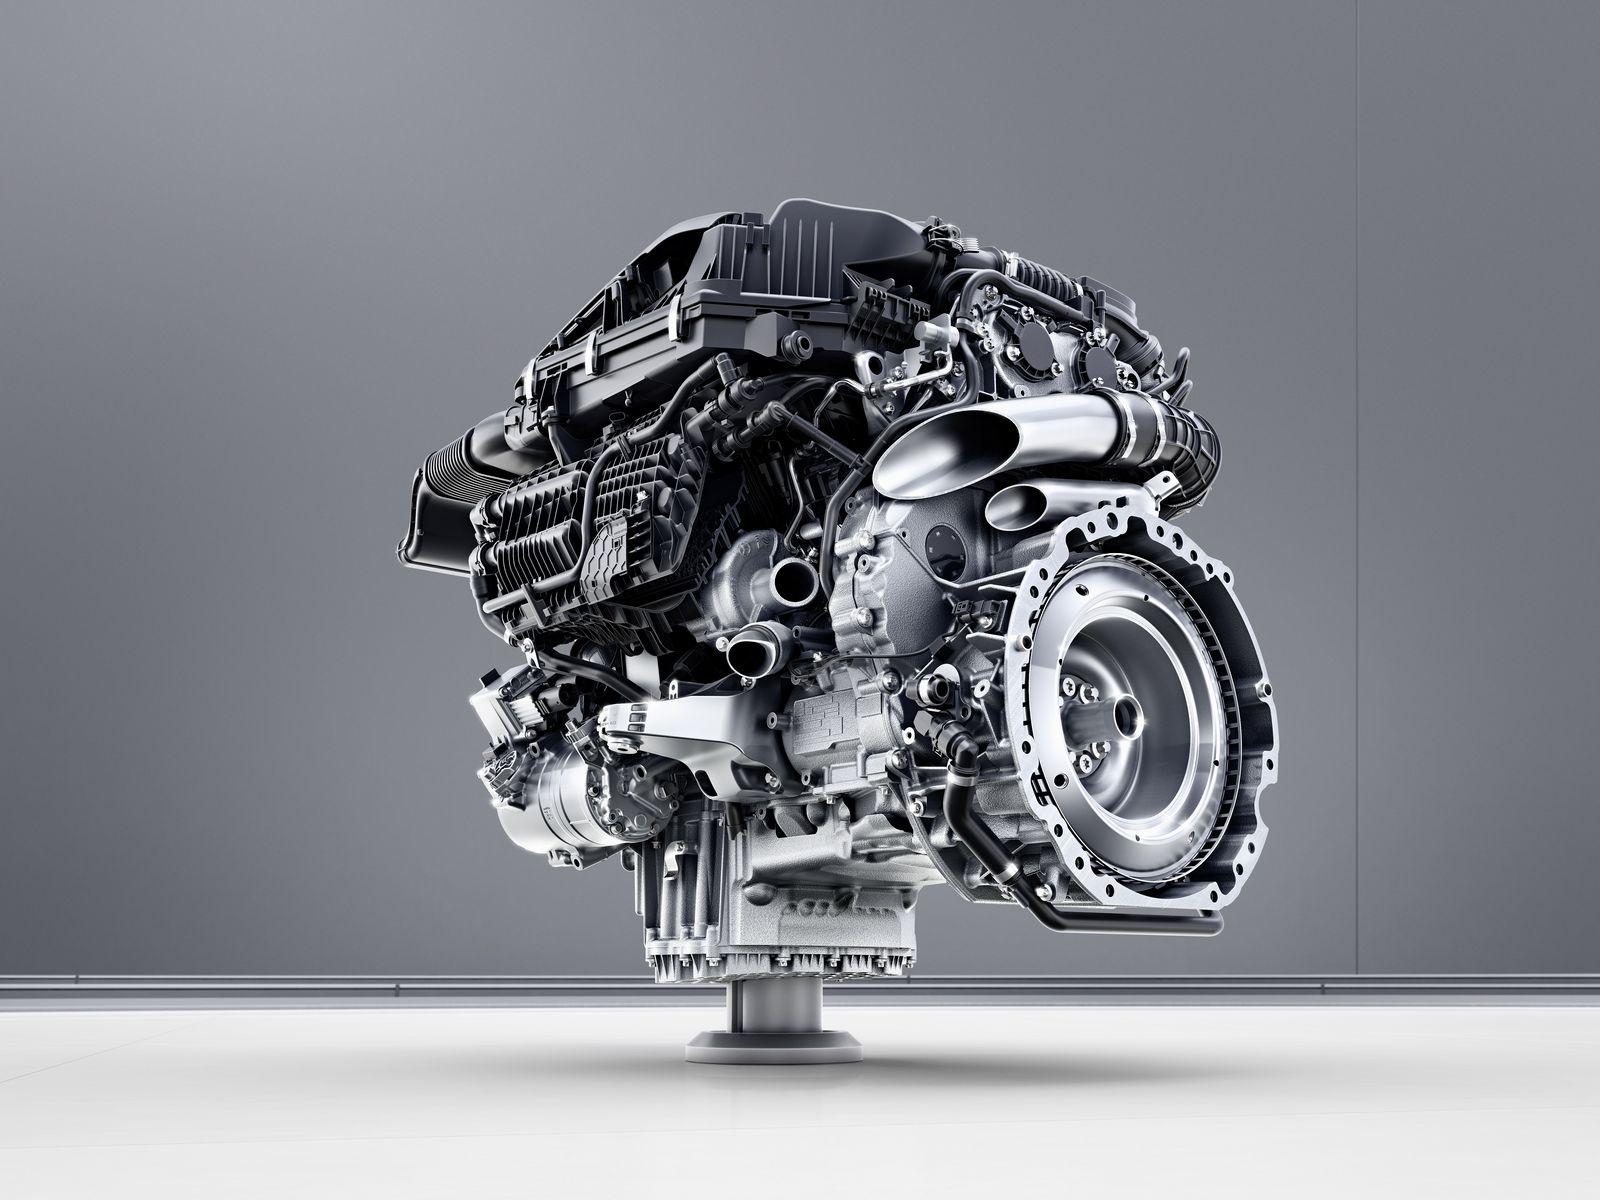 Mercedes renovará su gama mecánica en 2017: Vuelven los 6 en línea cargados de tecnología